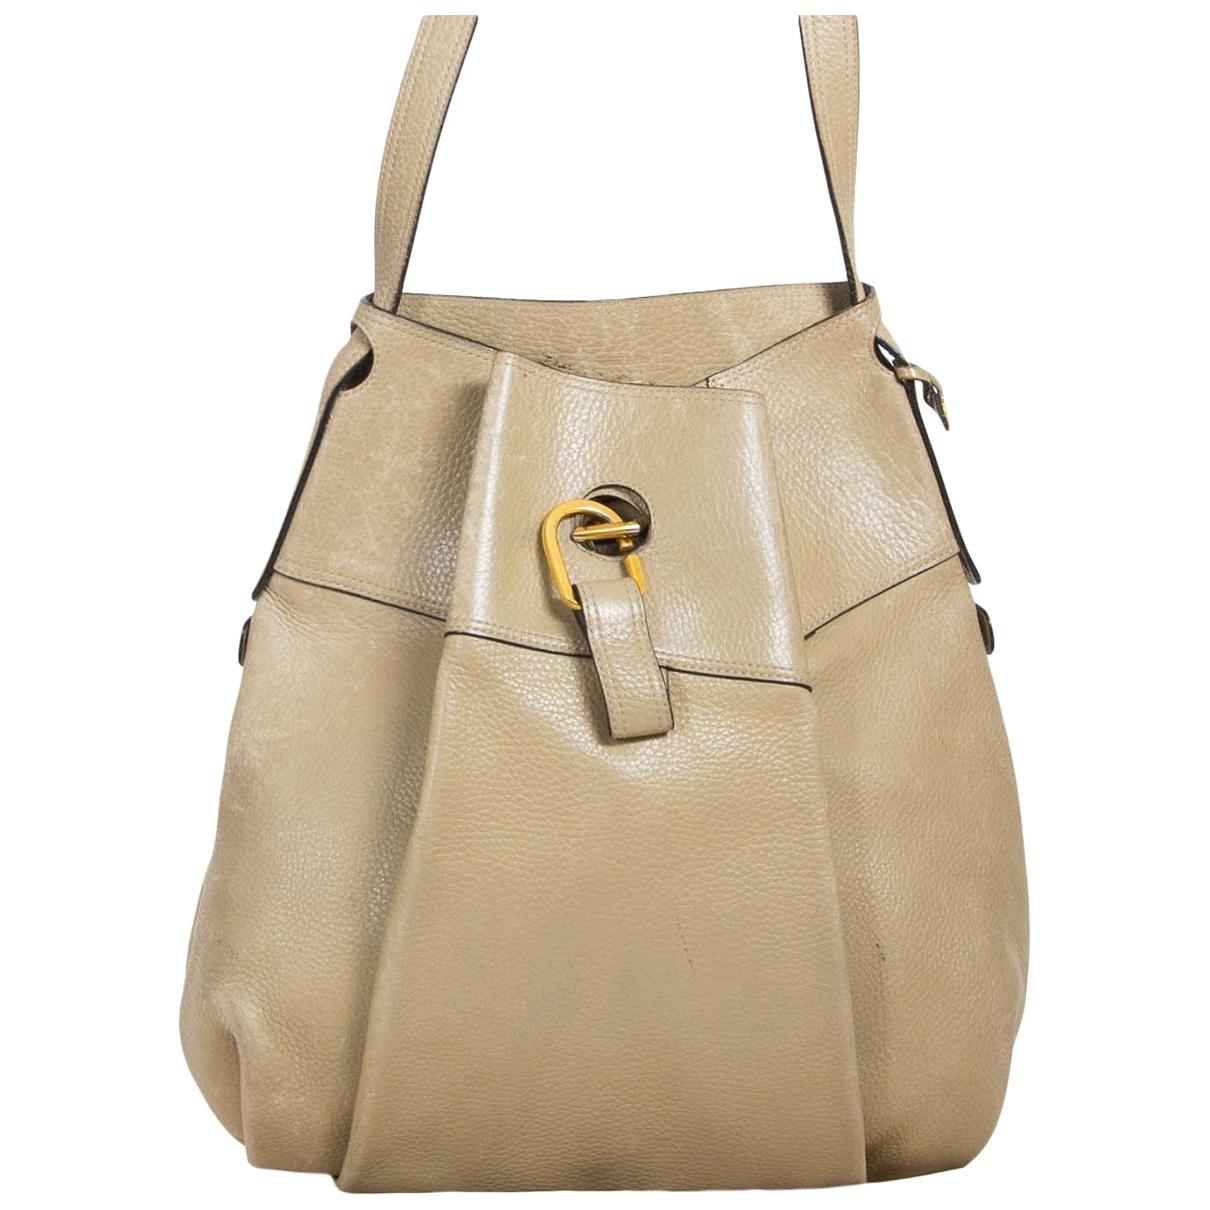 Delvaux \N Handtasche in  Beige Leder